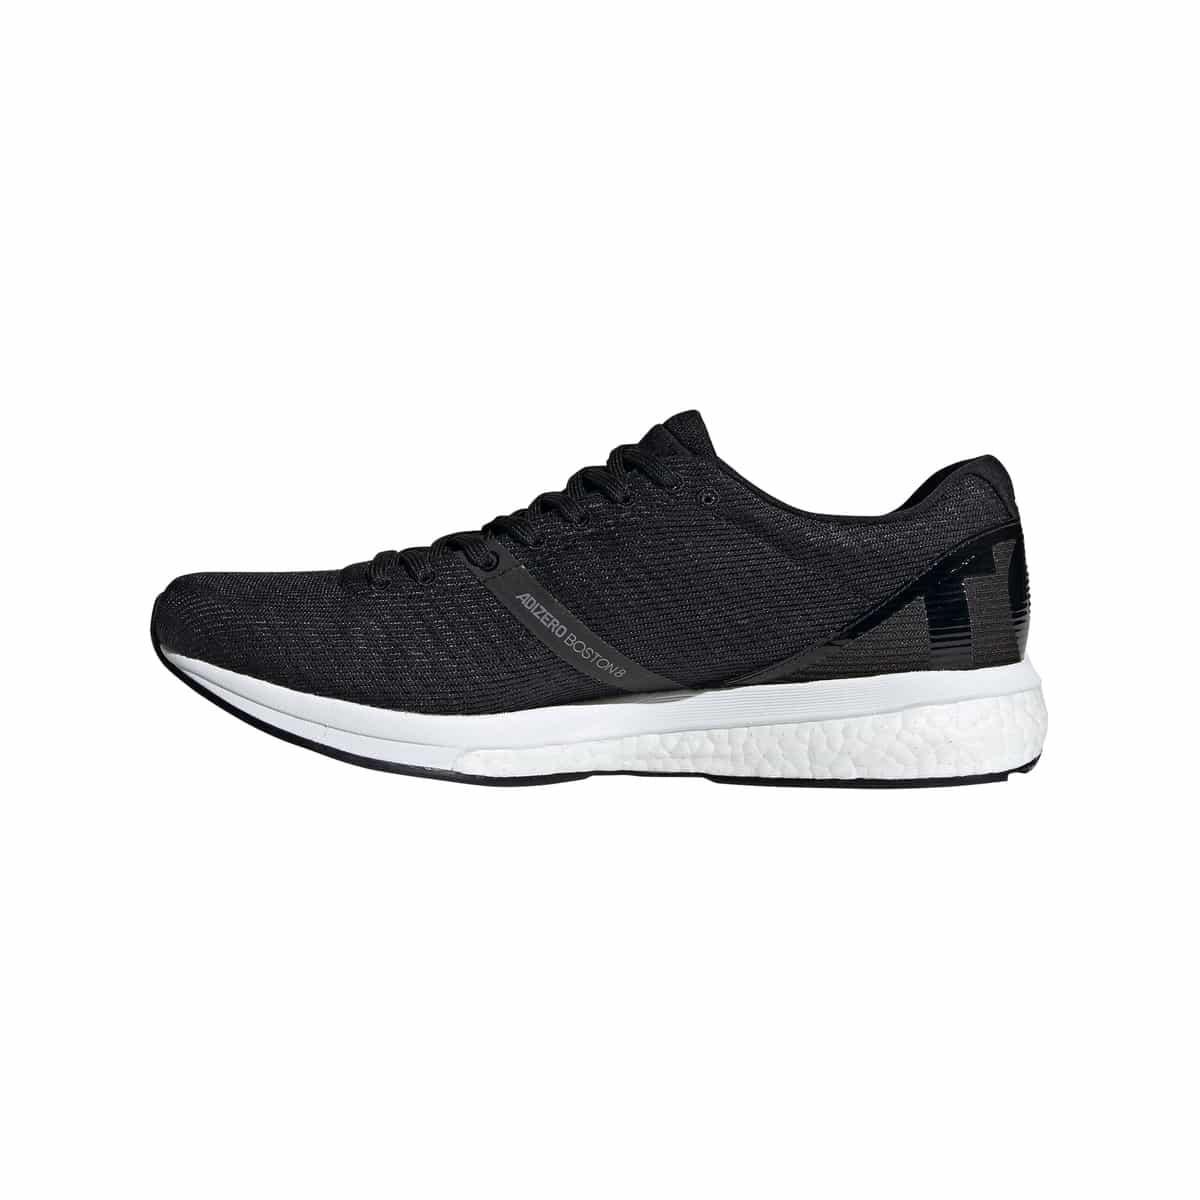 Adidas Adizero Boston 8 M CblackFtwwhtGresix